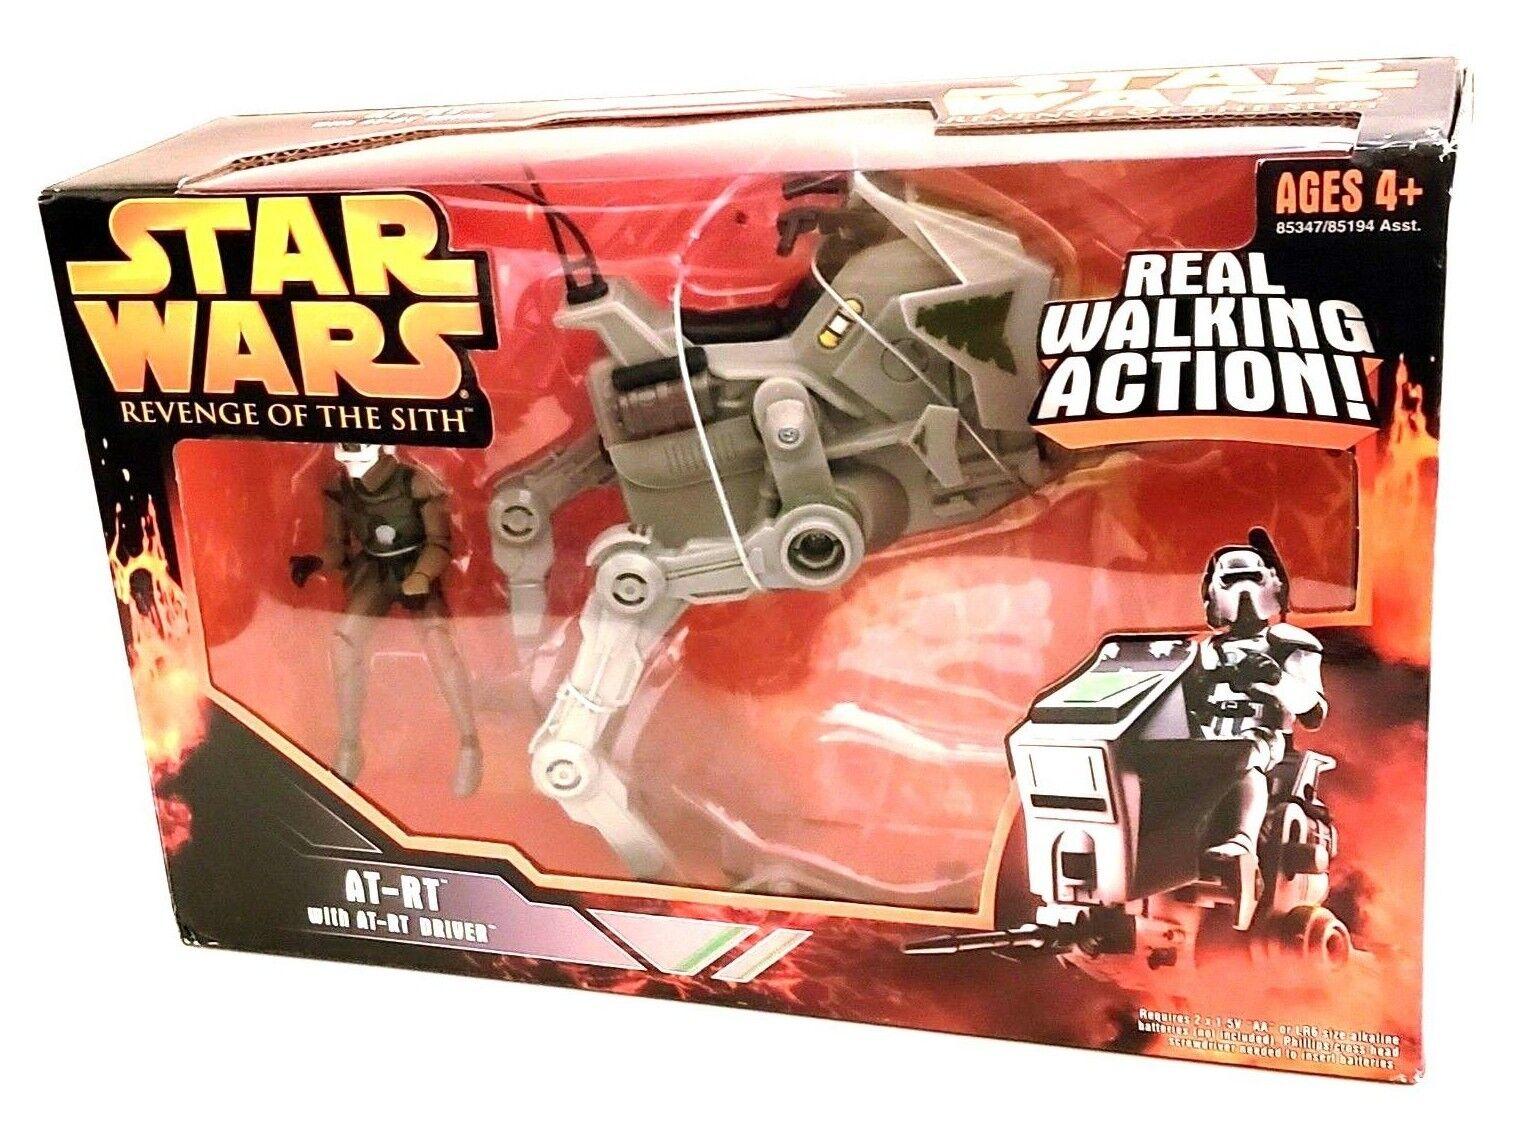 Neue 2005 star wars episode 3 at-rt mit at-rt fahrer action - figur